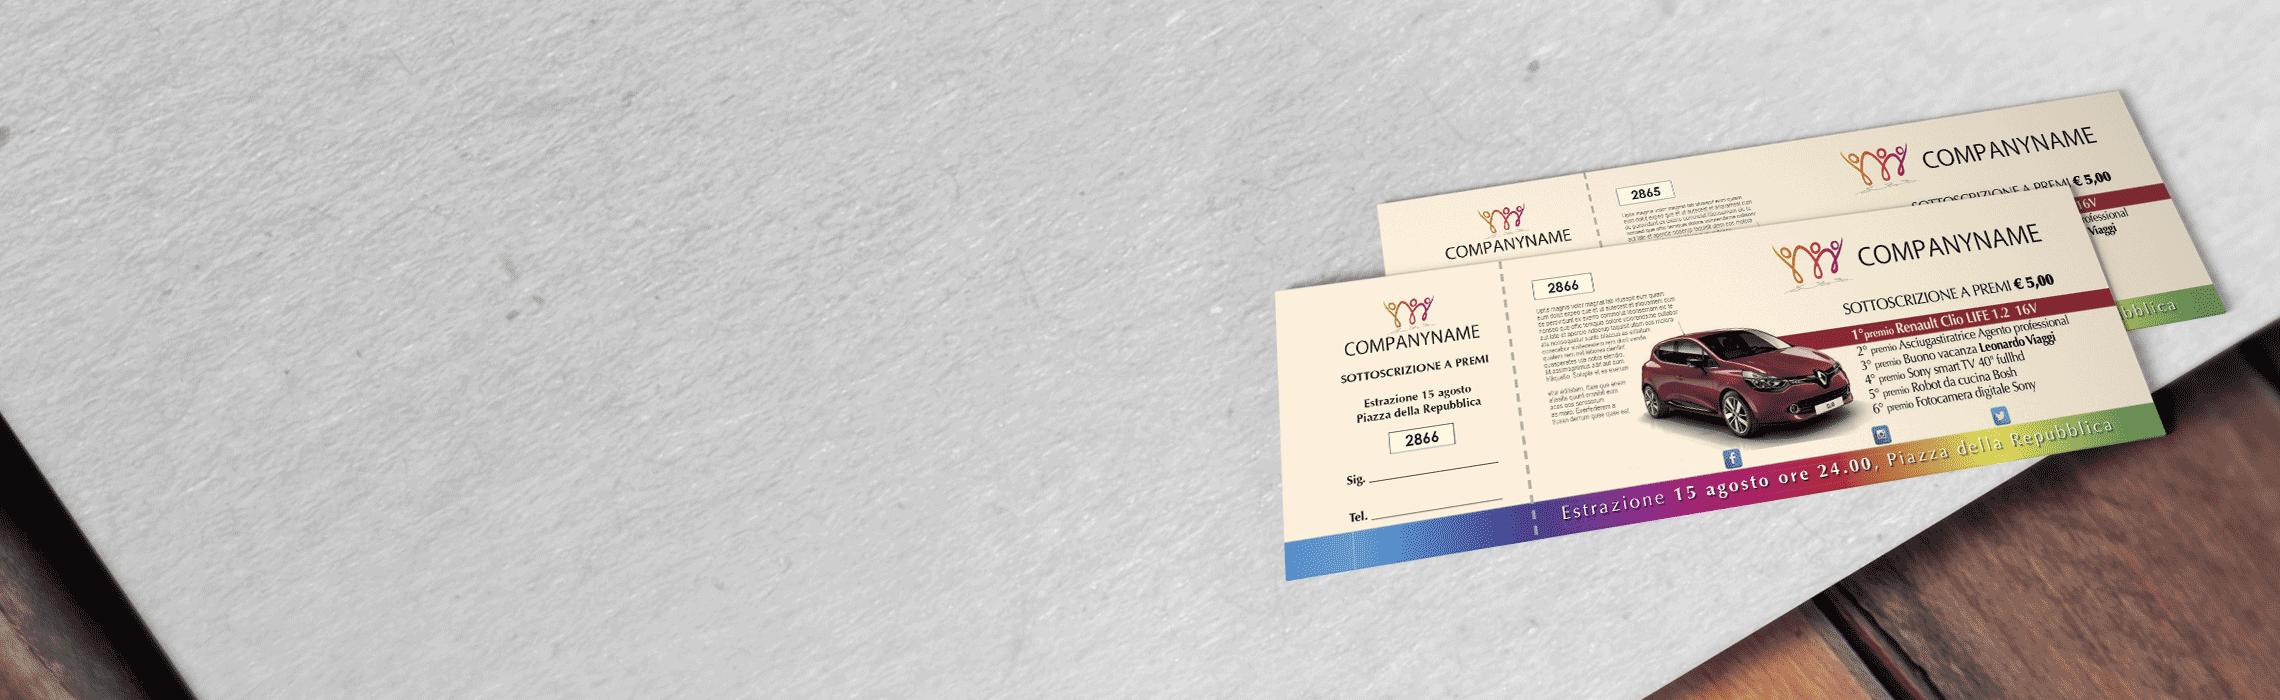 Biglietti sottoscrizione a premi